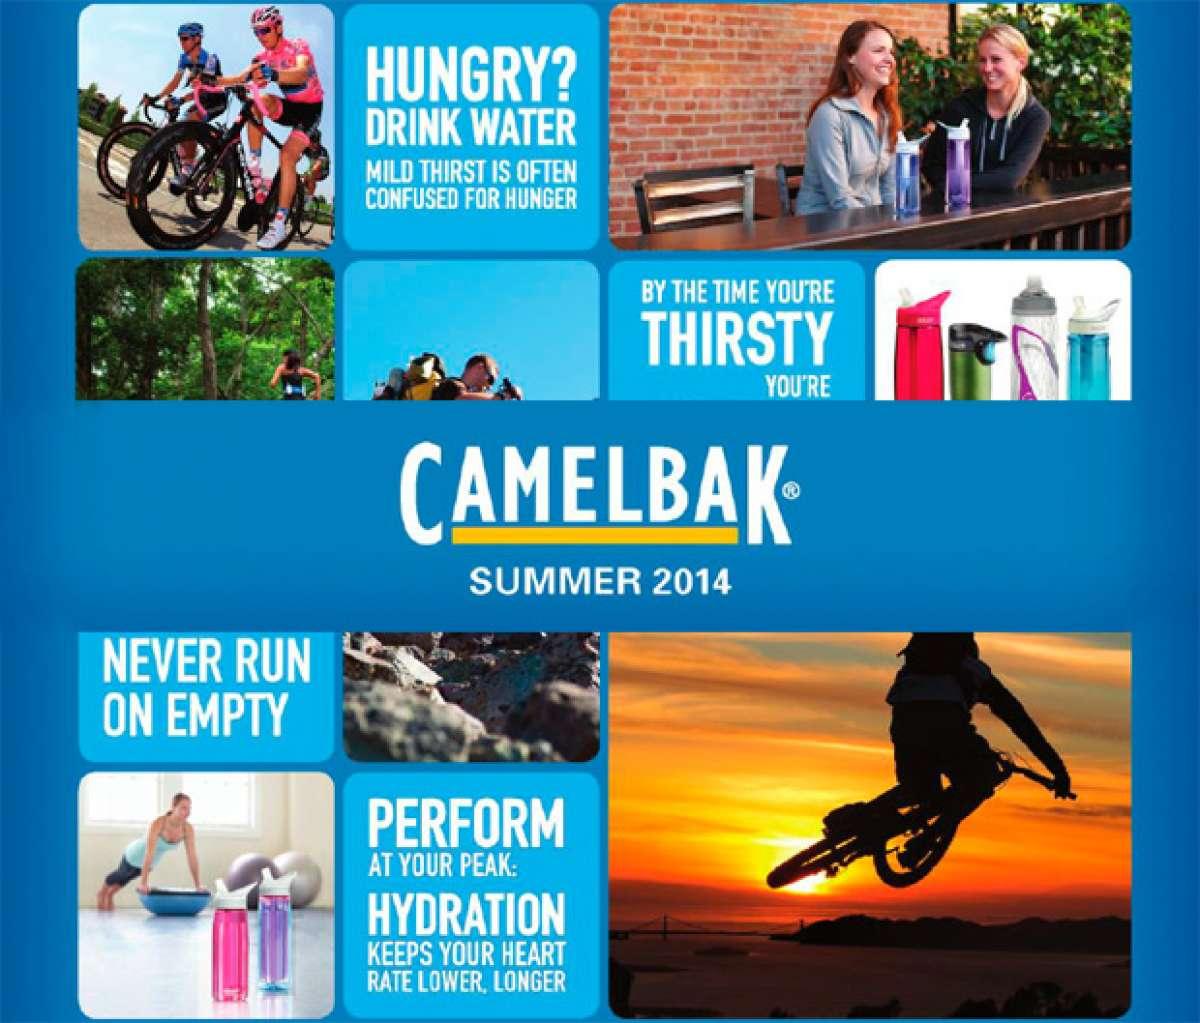 Catálogo de Camelbak 2014. Toda la gama de productos Camelbak para la temporada 2014